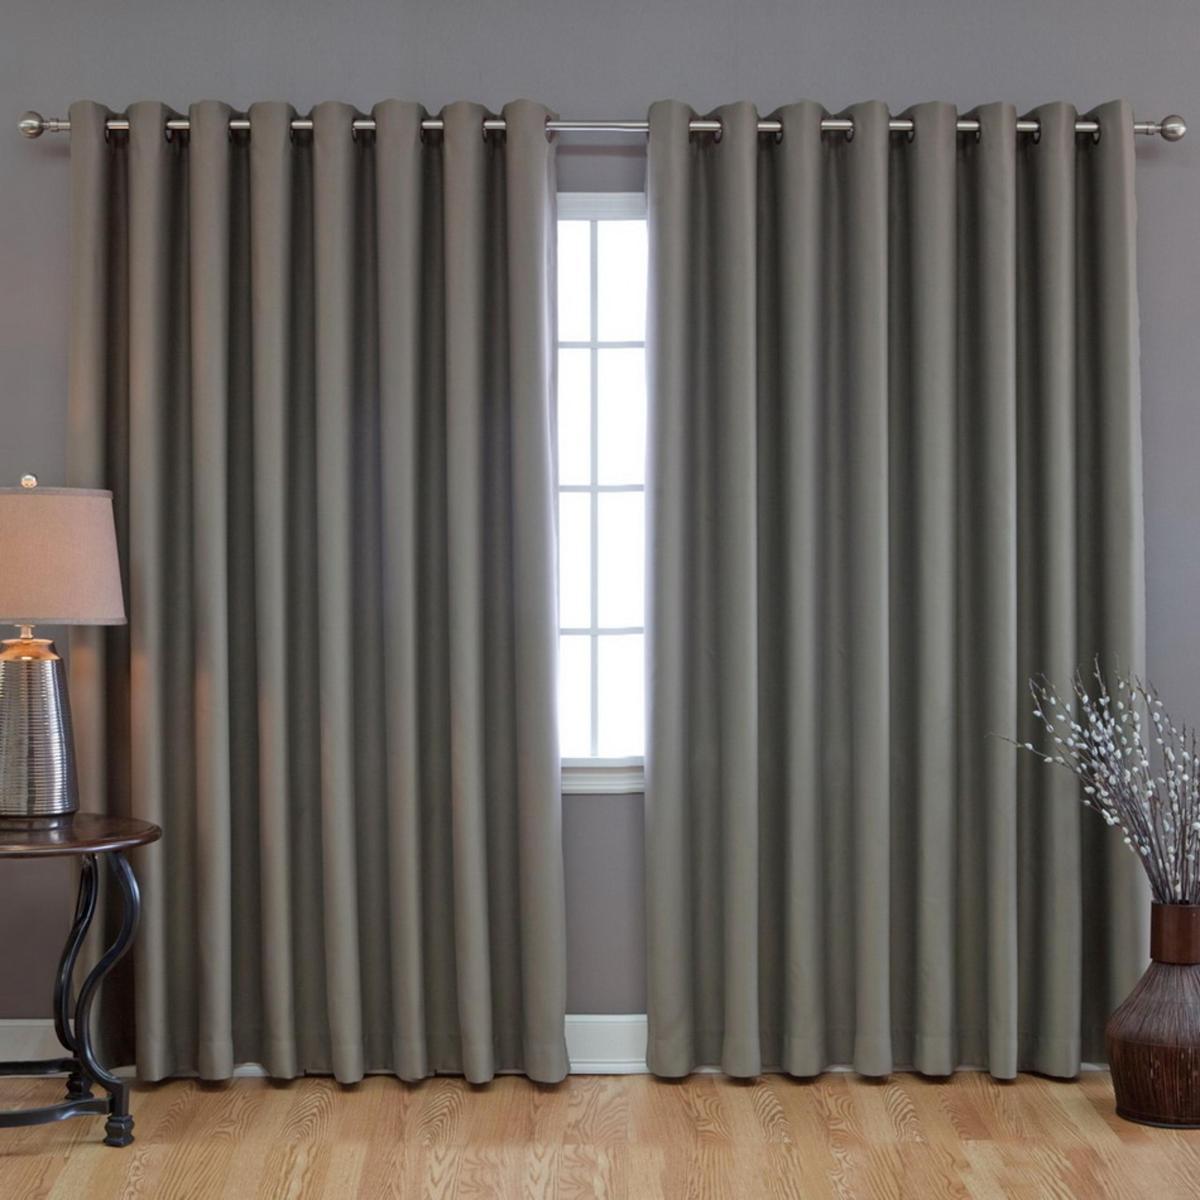 Kết quả hình ảnh cho mẫu rèm cửa đẹp cho phòng ngủ